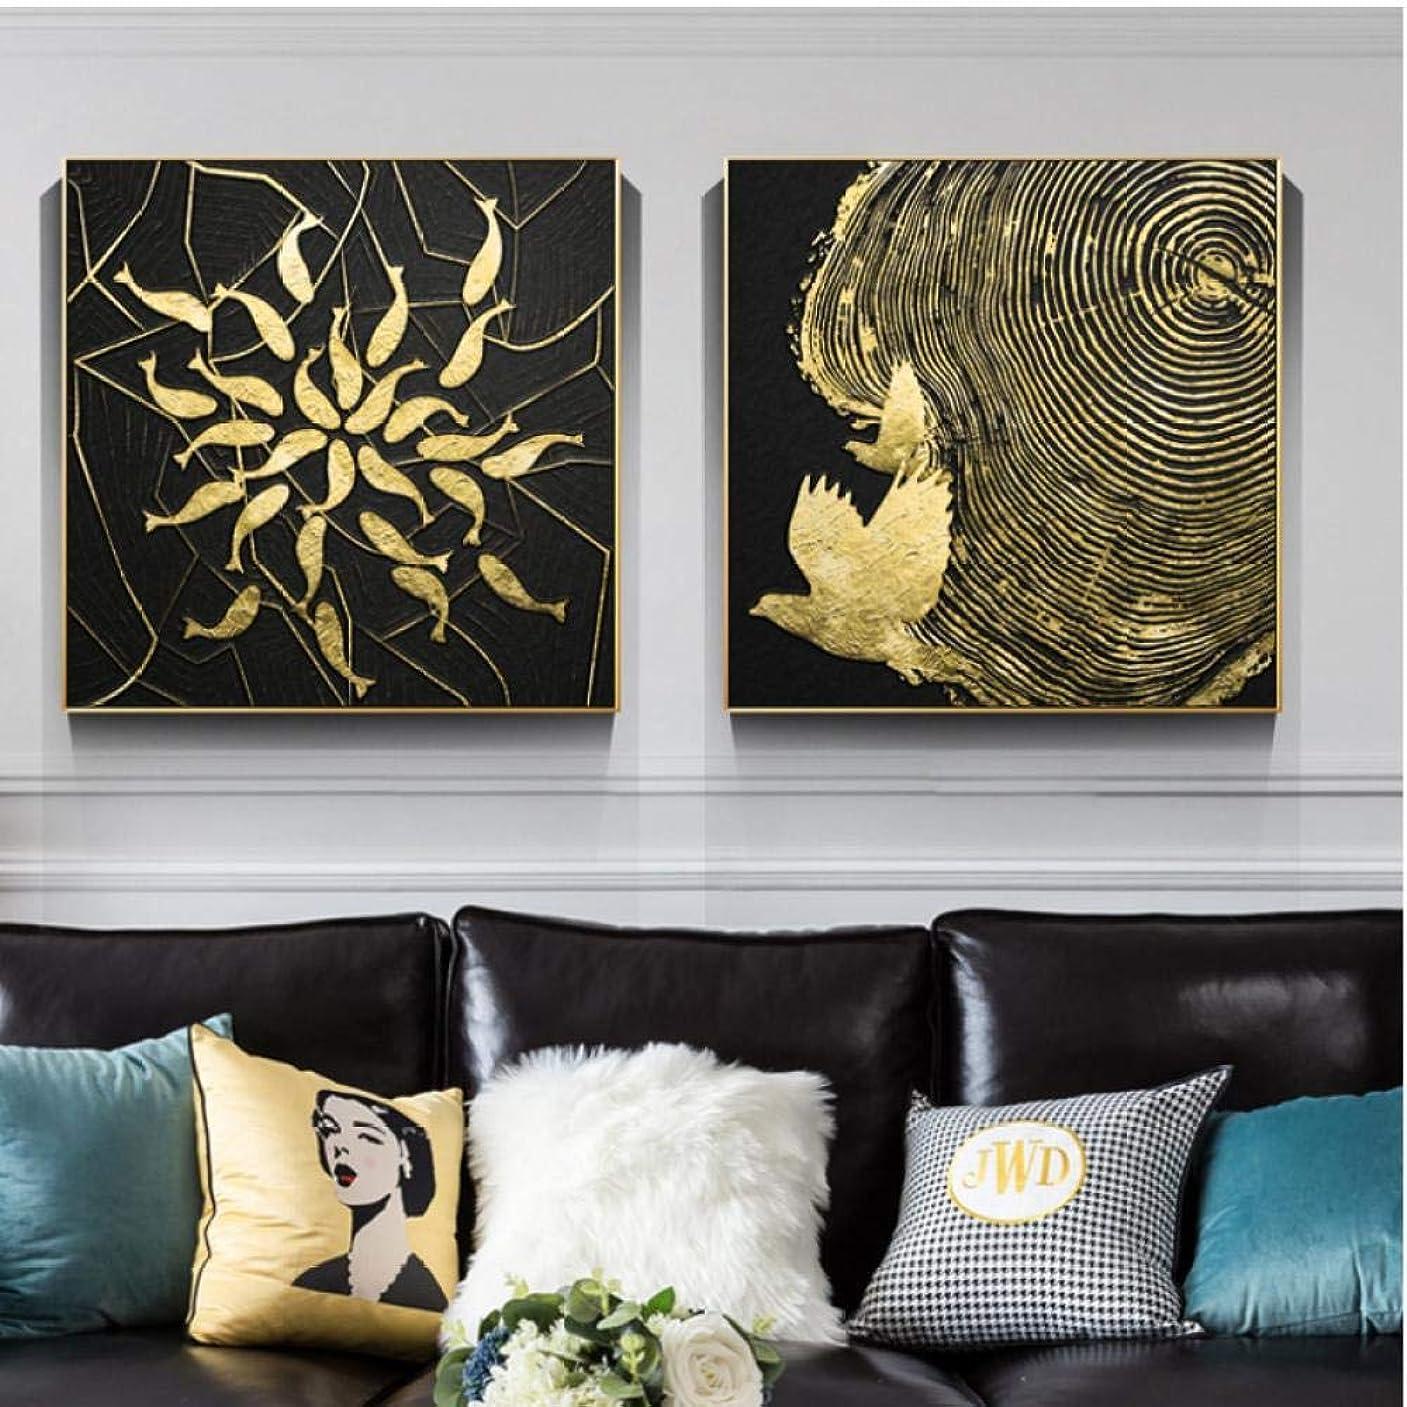 見ました回想倫理的現代抽象絵画ネイチャープラントリビングルーム用の黄金と黒の壁の写真オフィスアートポスタープリントキャンバス(50x50x2pcs cmフレームなし)